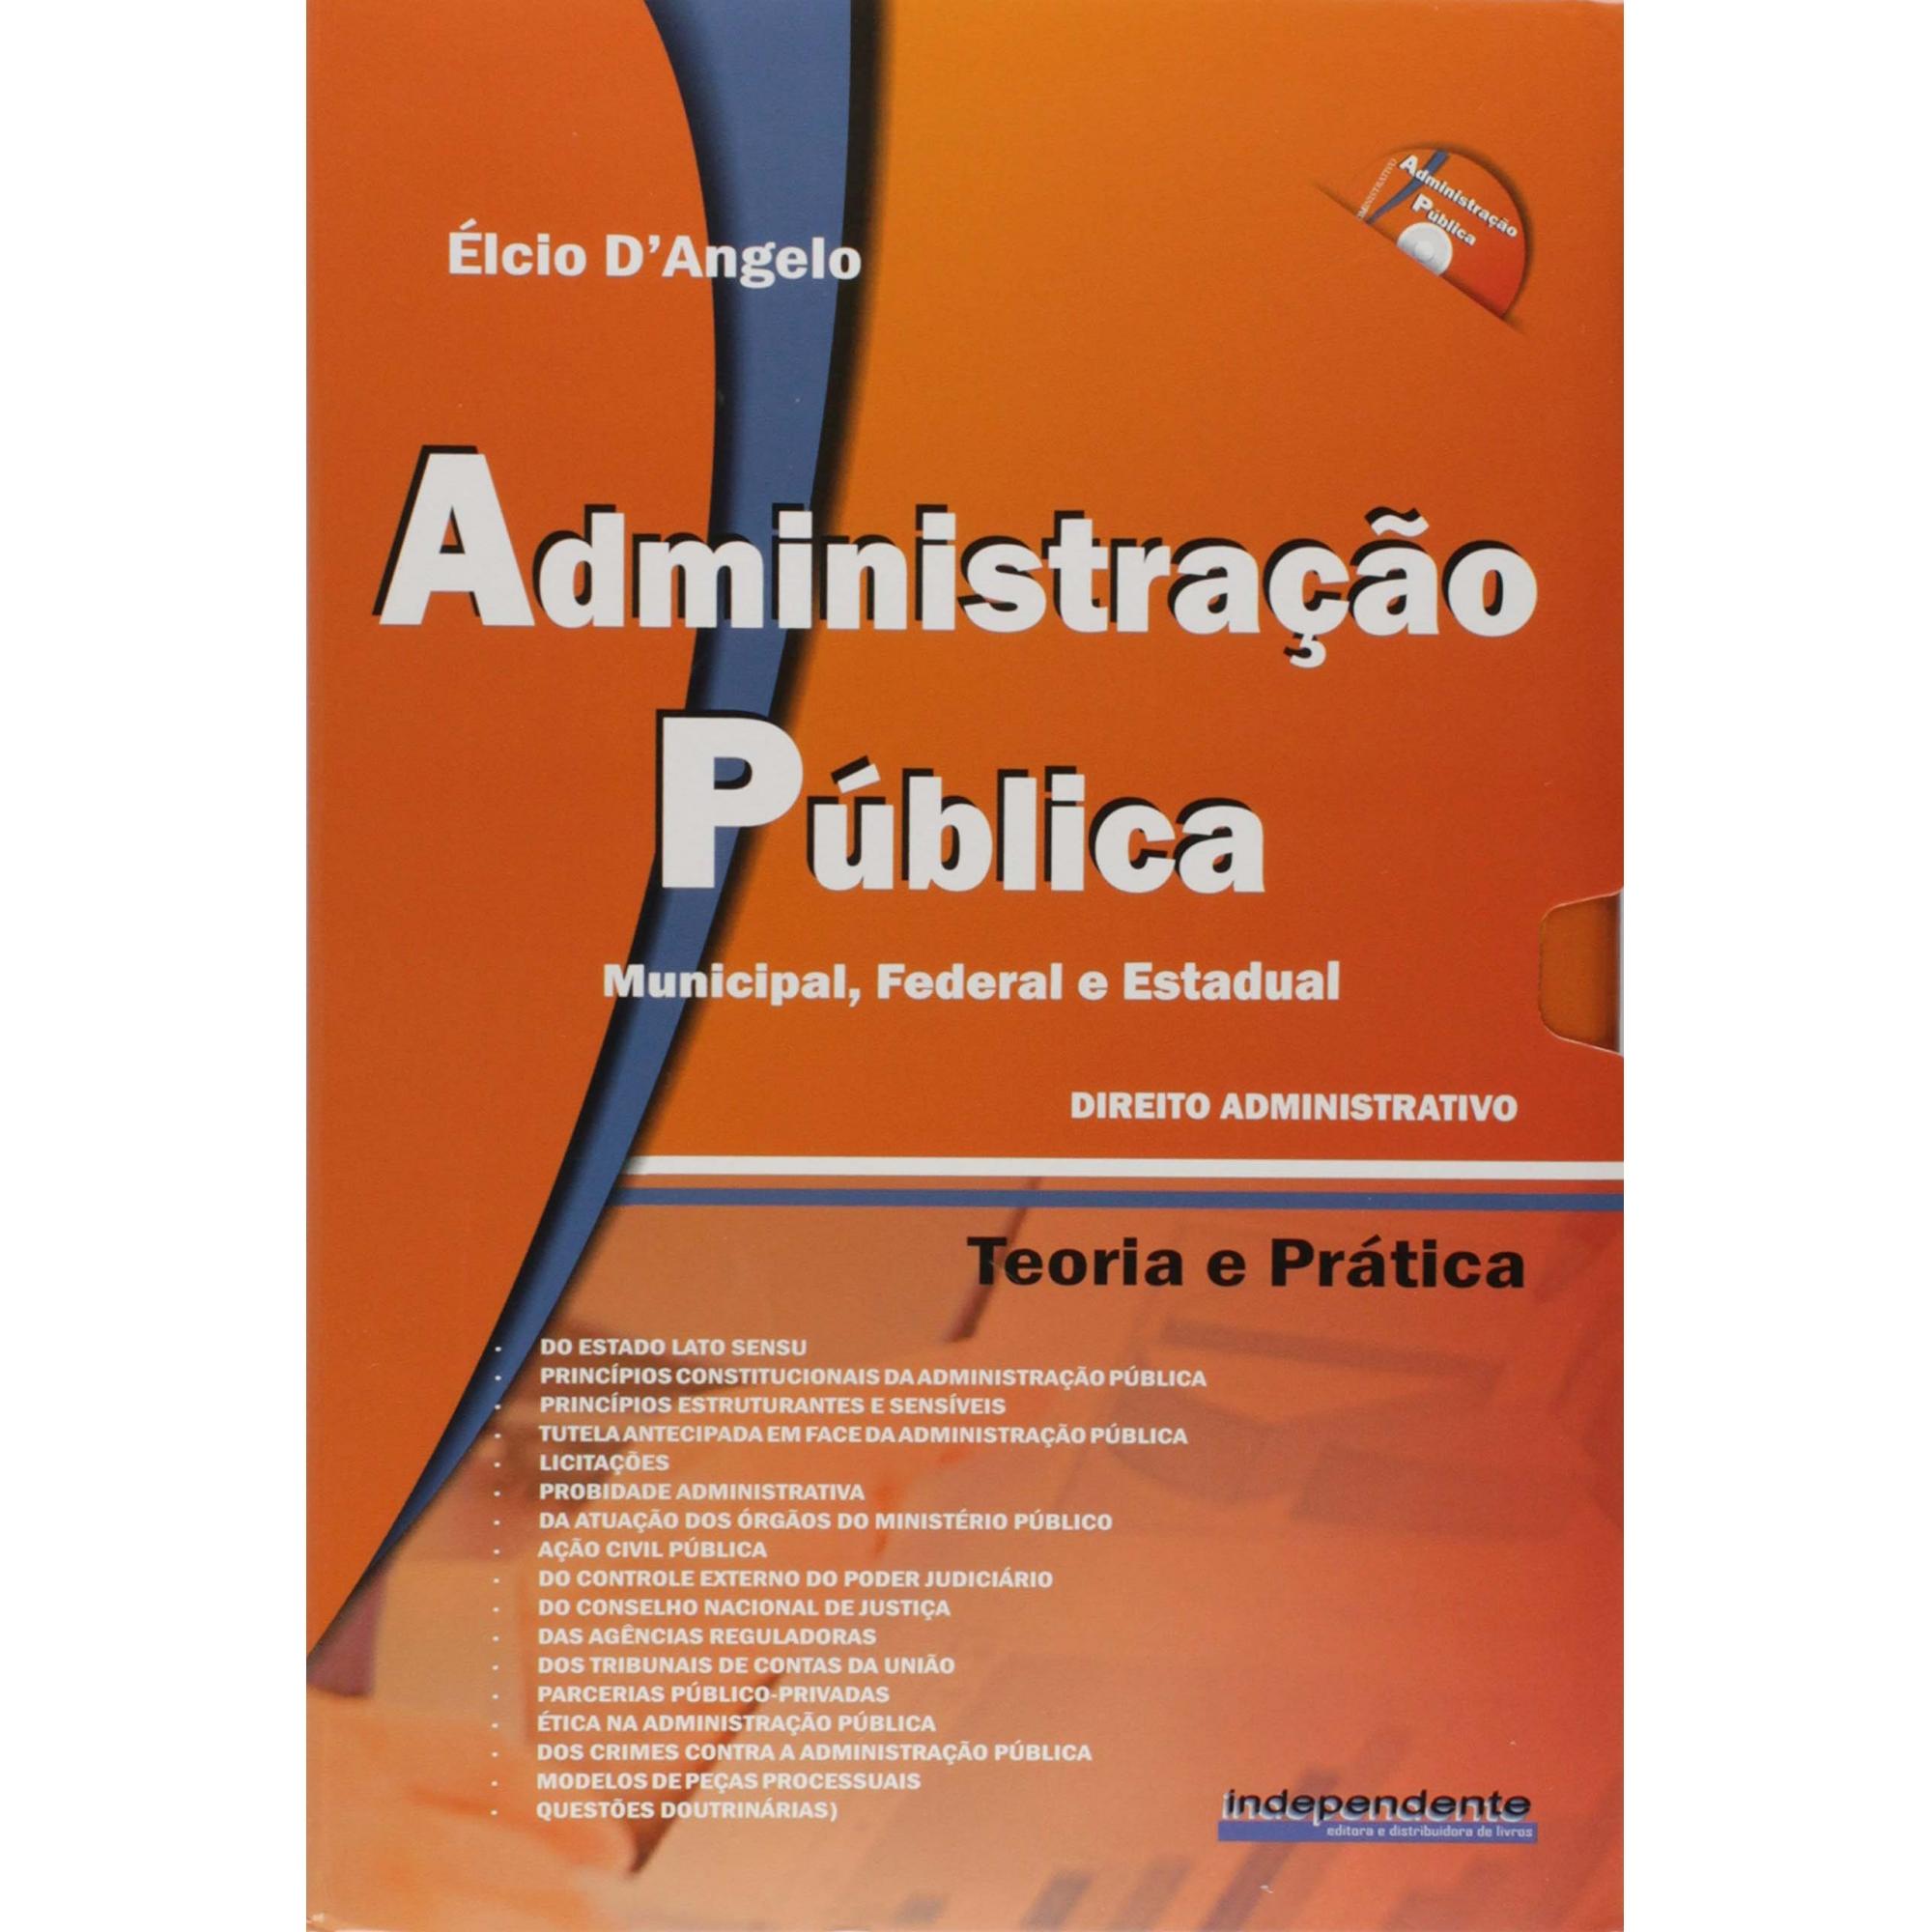 Administração Pública - Município, Federal e Estadual - 2010